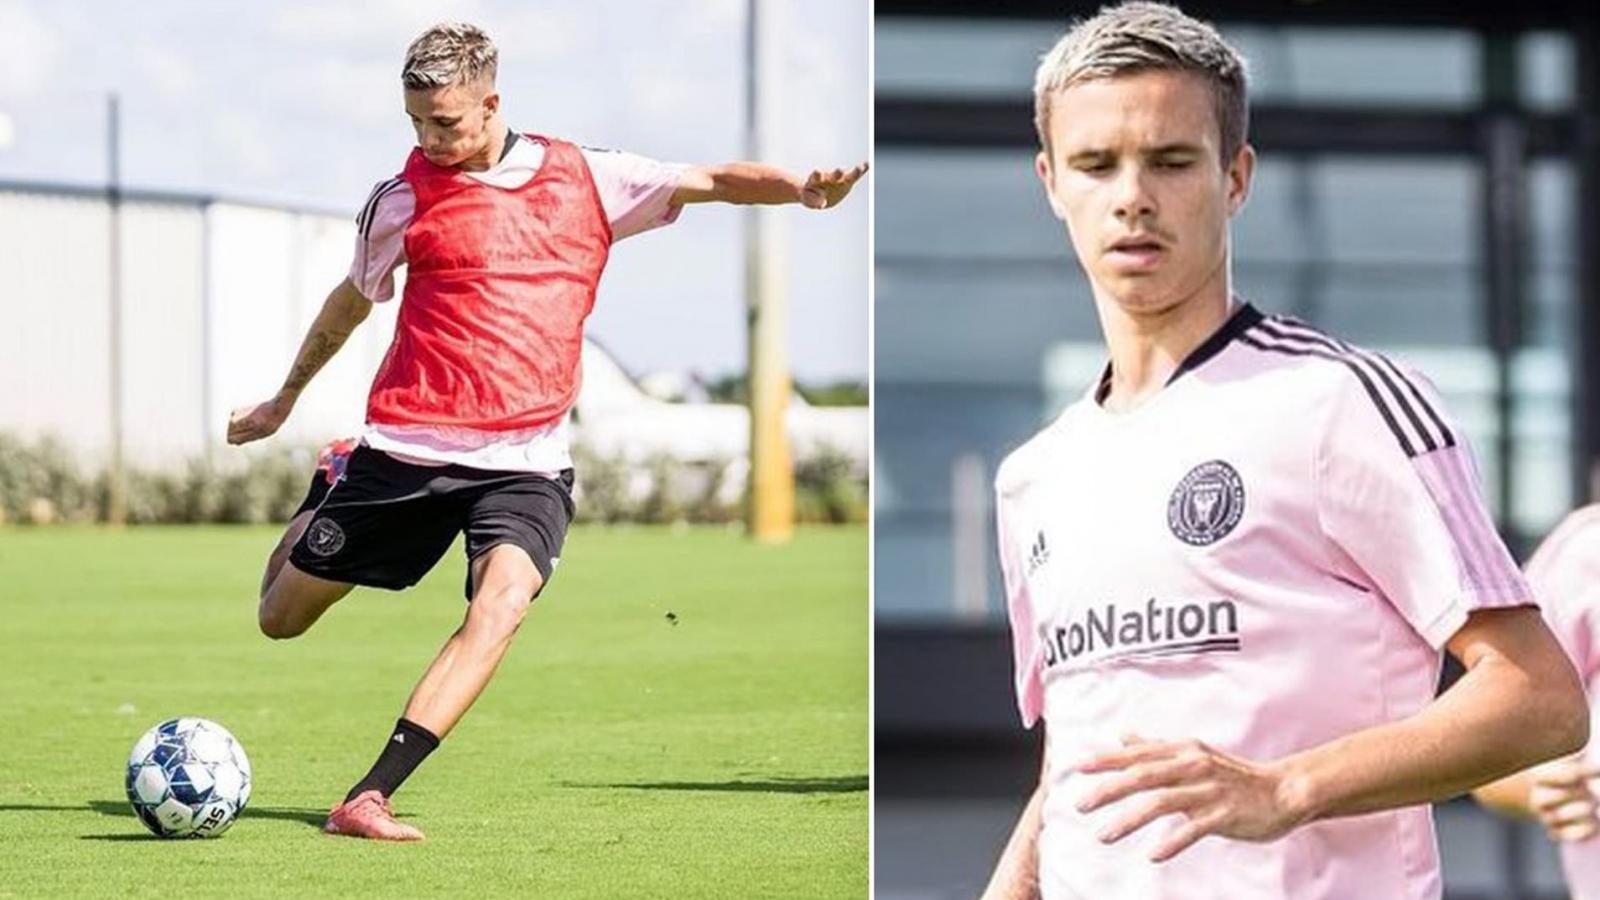 Con trai David Beckham chính thức trở thành cầu thủ chuyên nghiệp